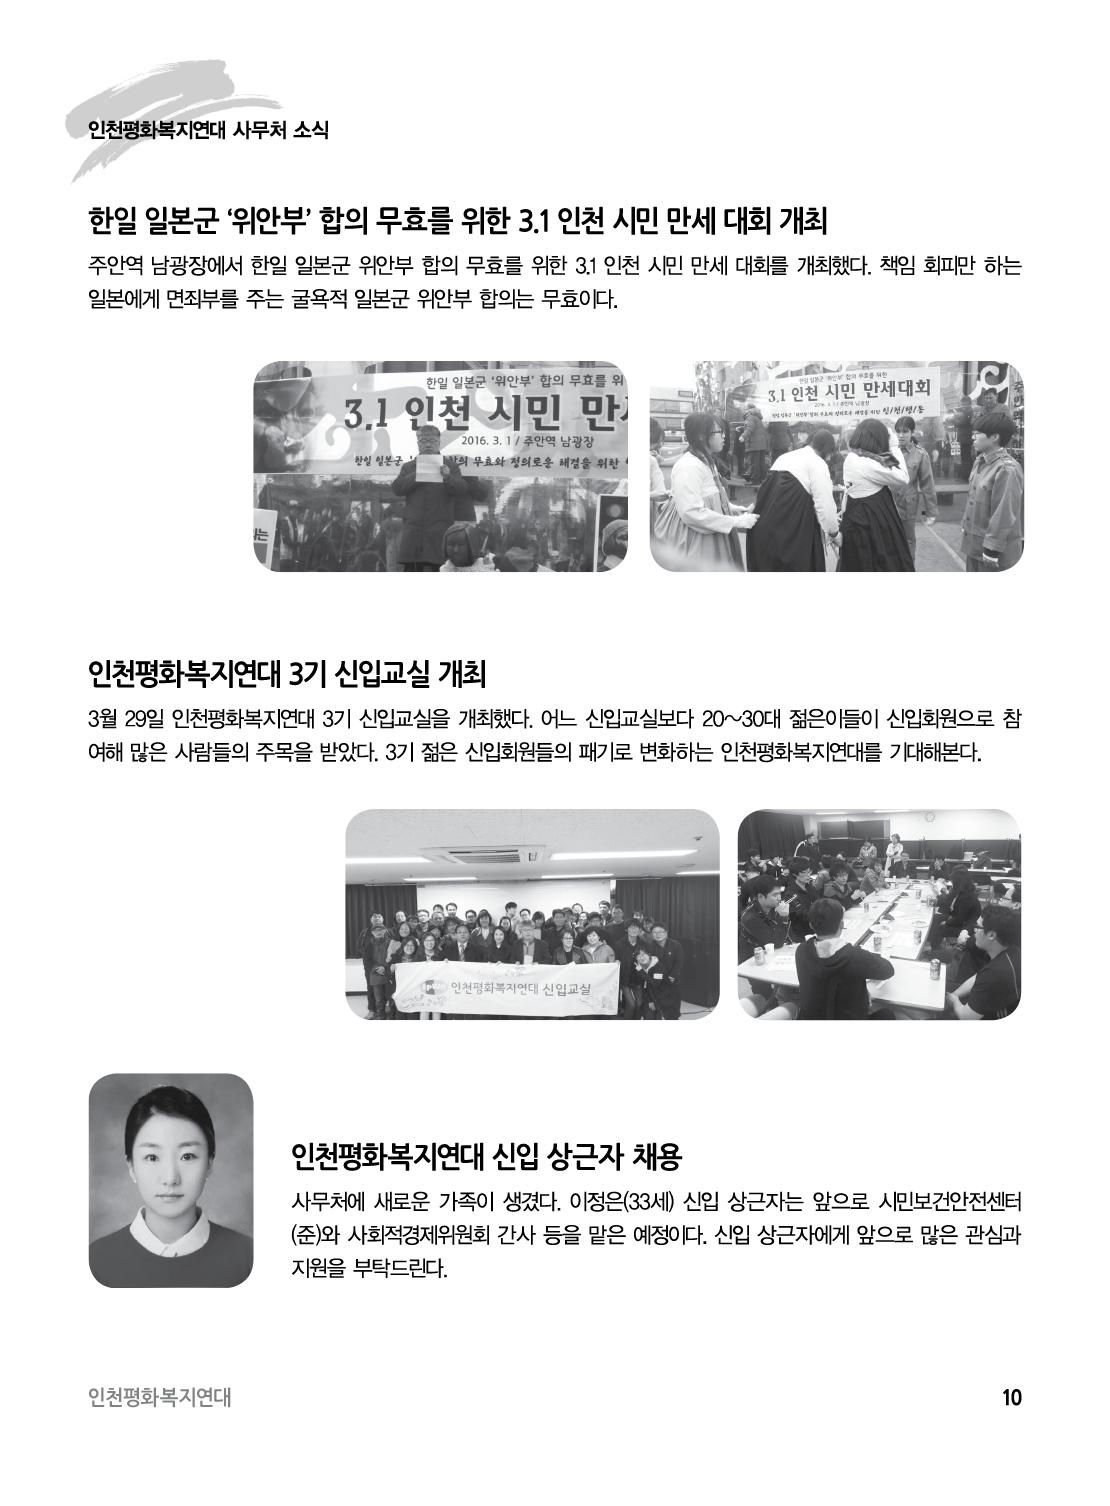 아웃라인 인천평화복지연대 소식지창간준비3호10.jpg